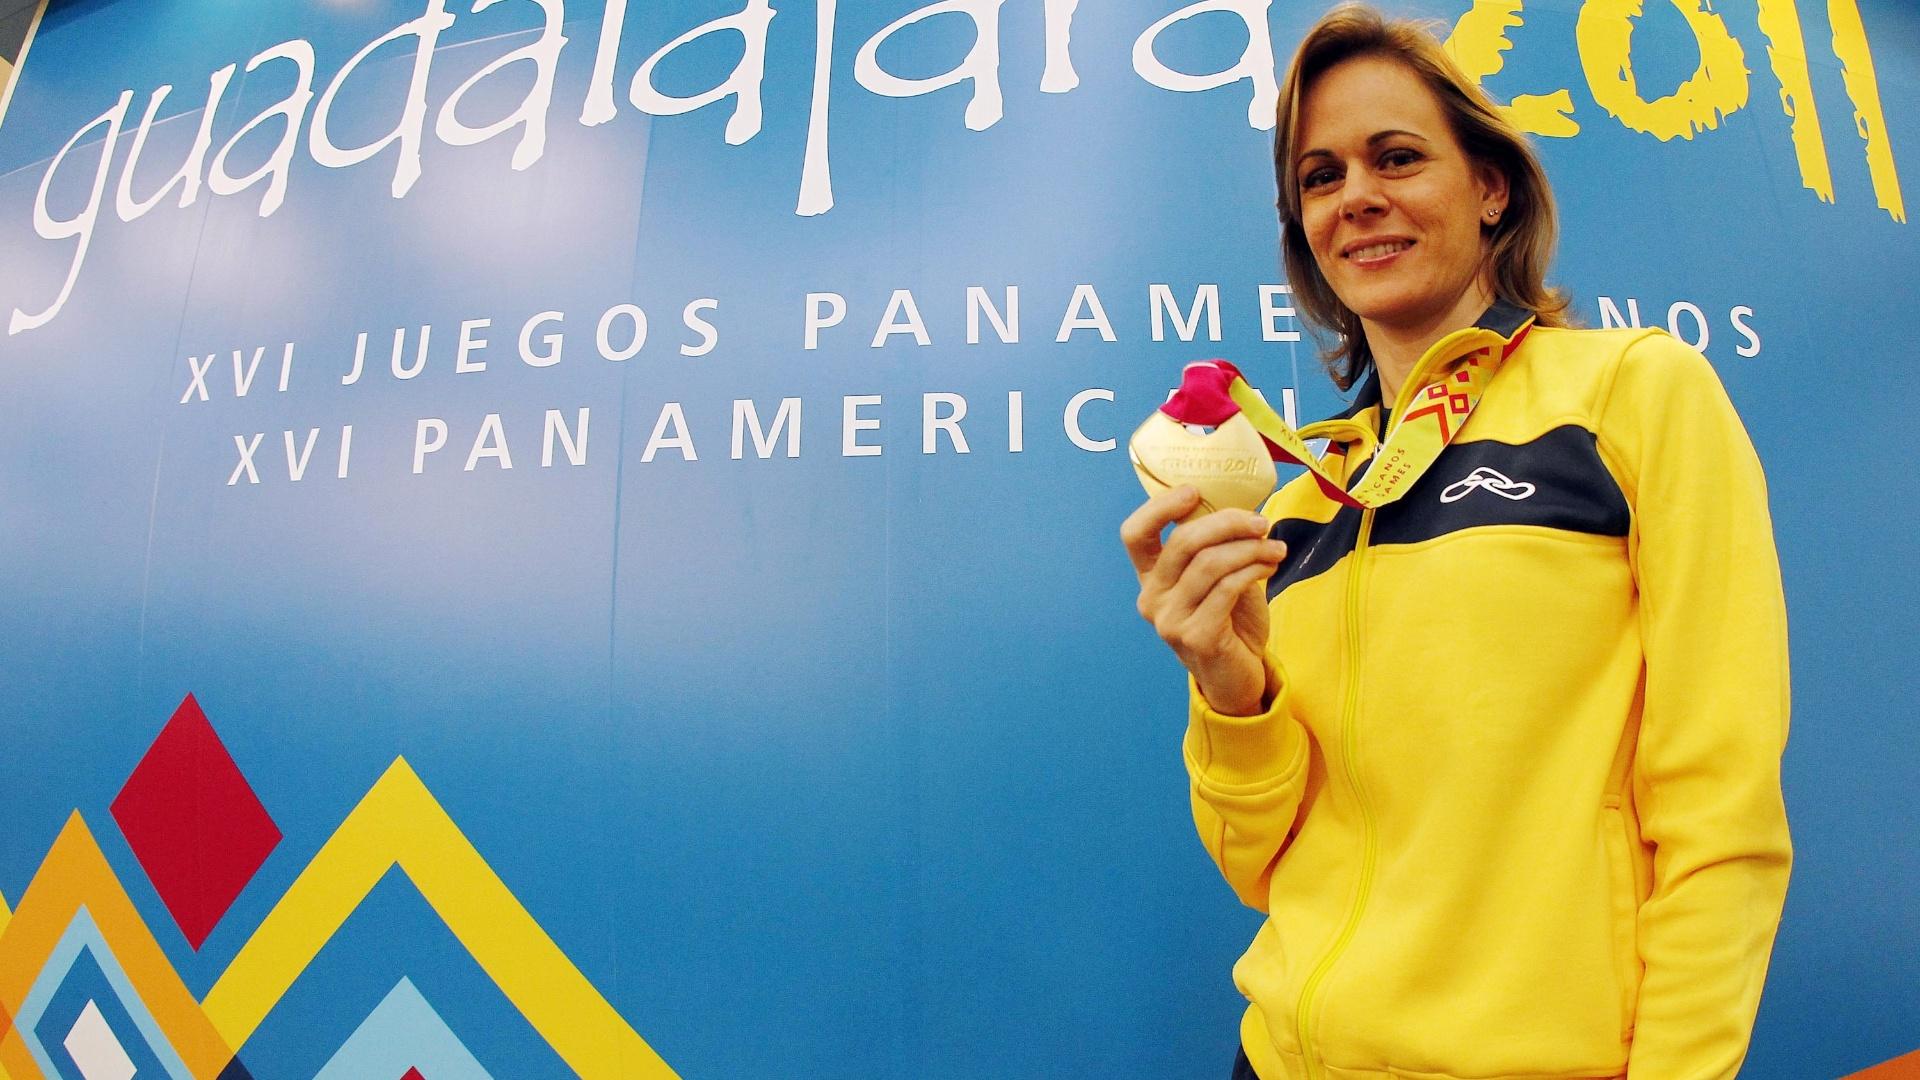 Ana Luiza Ferrão recebe sua medalha de ouro em cerimônia de premiação um dia após vencer na pistola 25 m do tiro (20/10/2011)